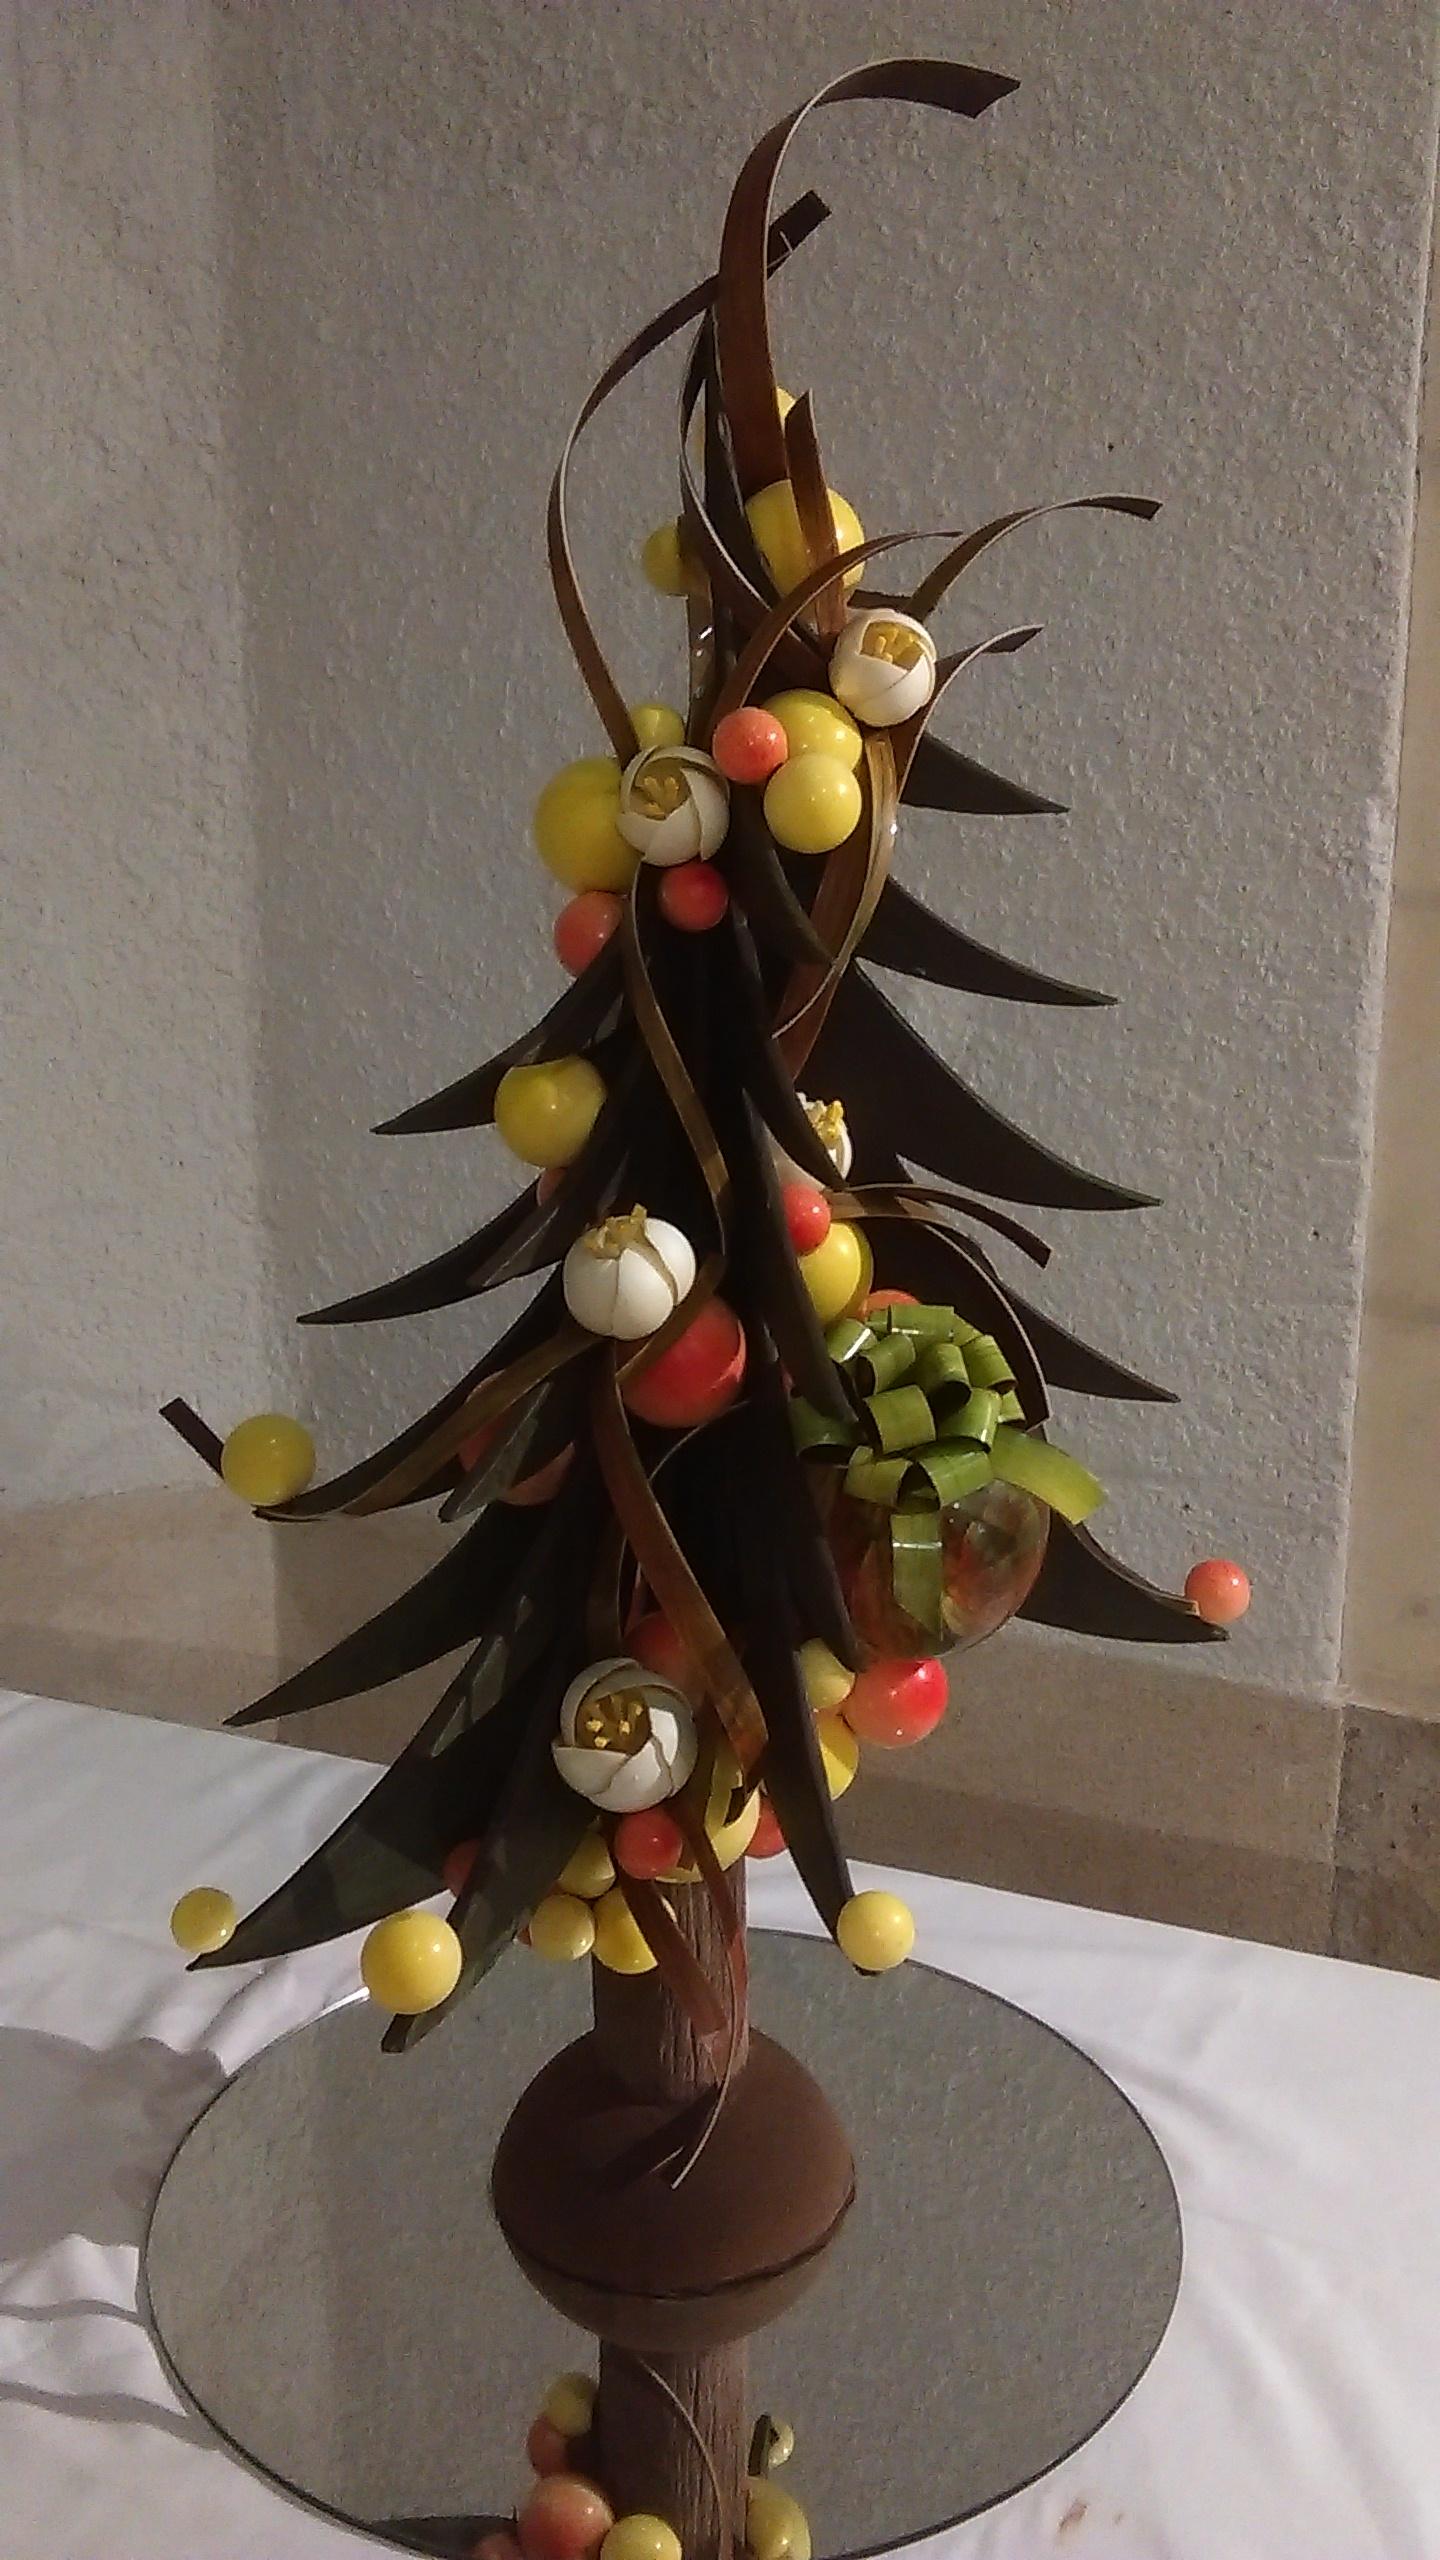 Salon du chocolat La Baule 2018